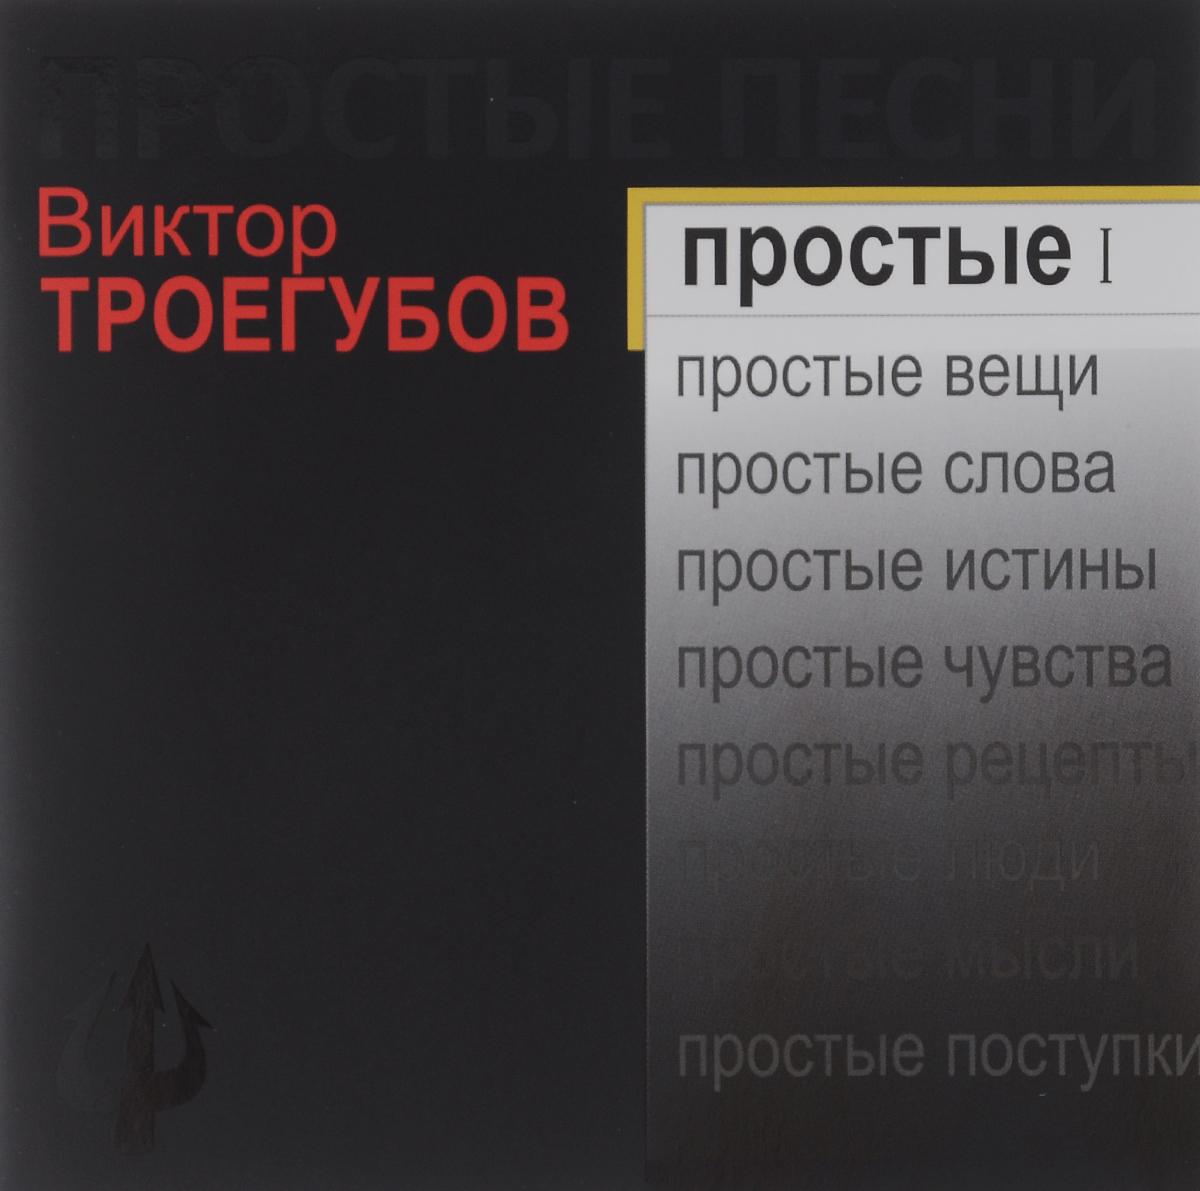 Издание содержит 20-страничный буклет с фотографиями, иллюстрациями, текстами песен и дополнительной информацией на русском языке.